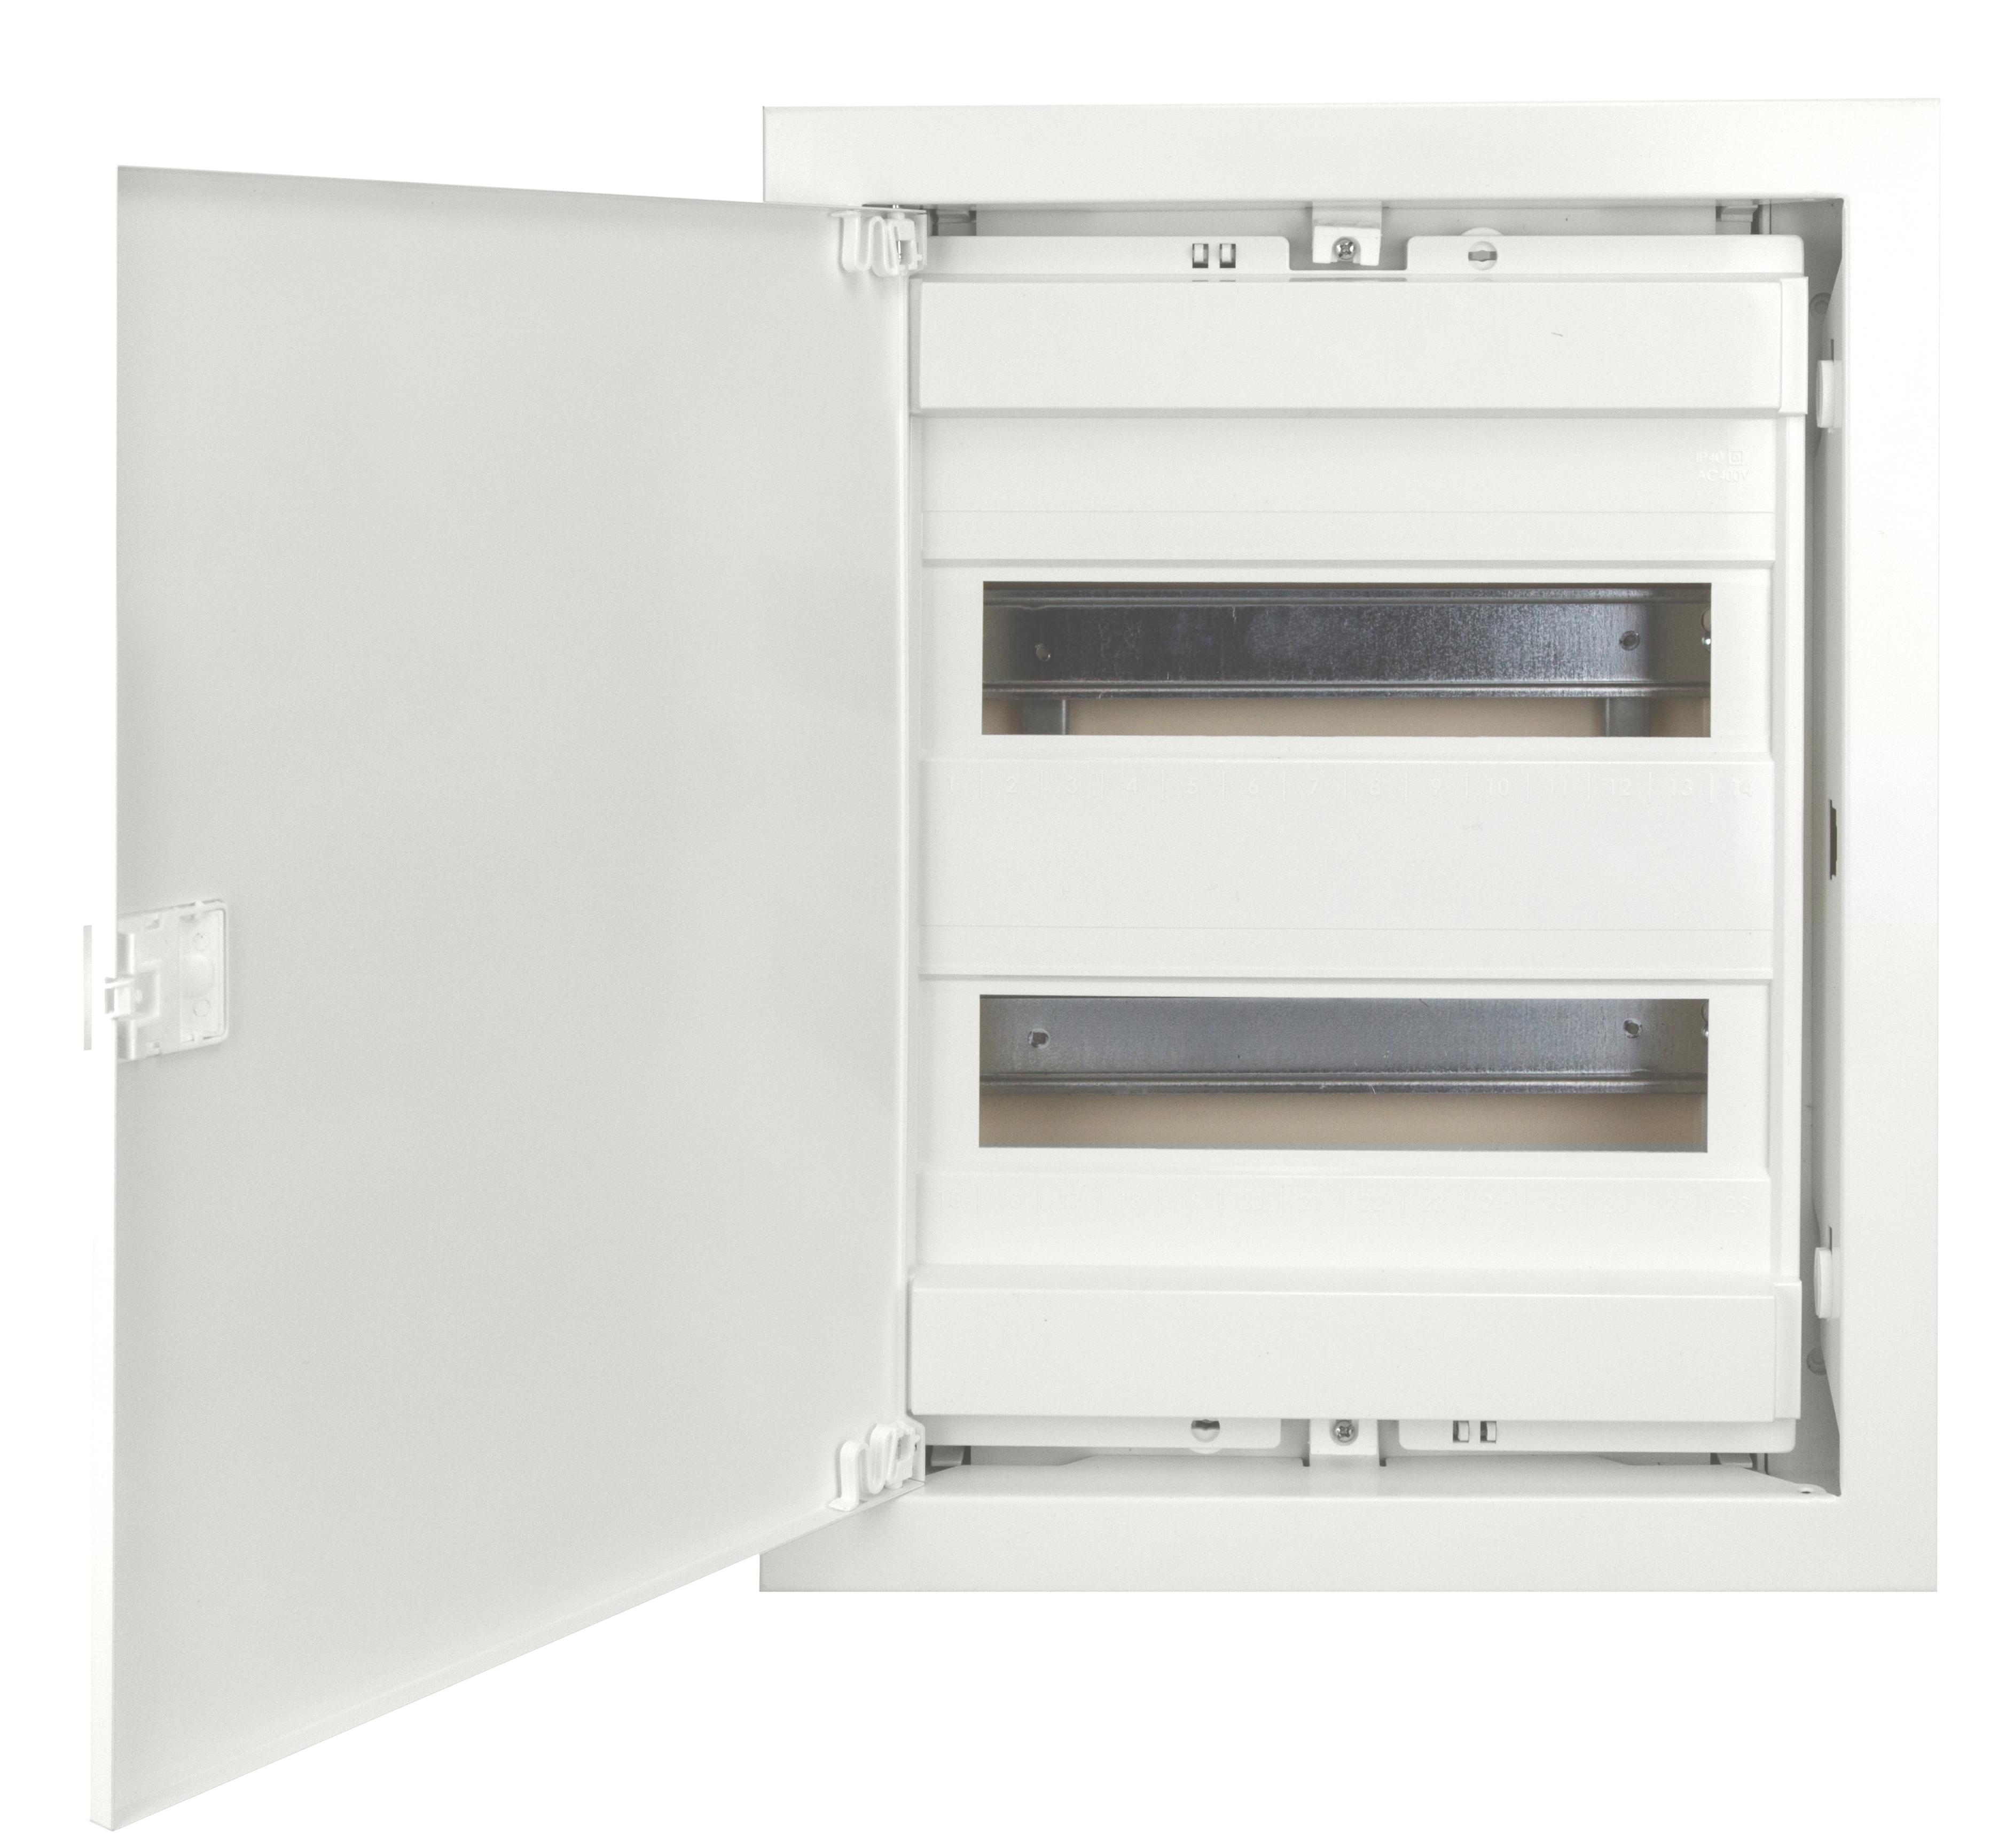 1 Stk UP-Wohnungsverteiler weiss, 2-reihig für Hohlwand BK085052--